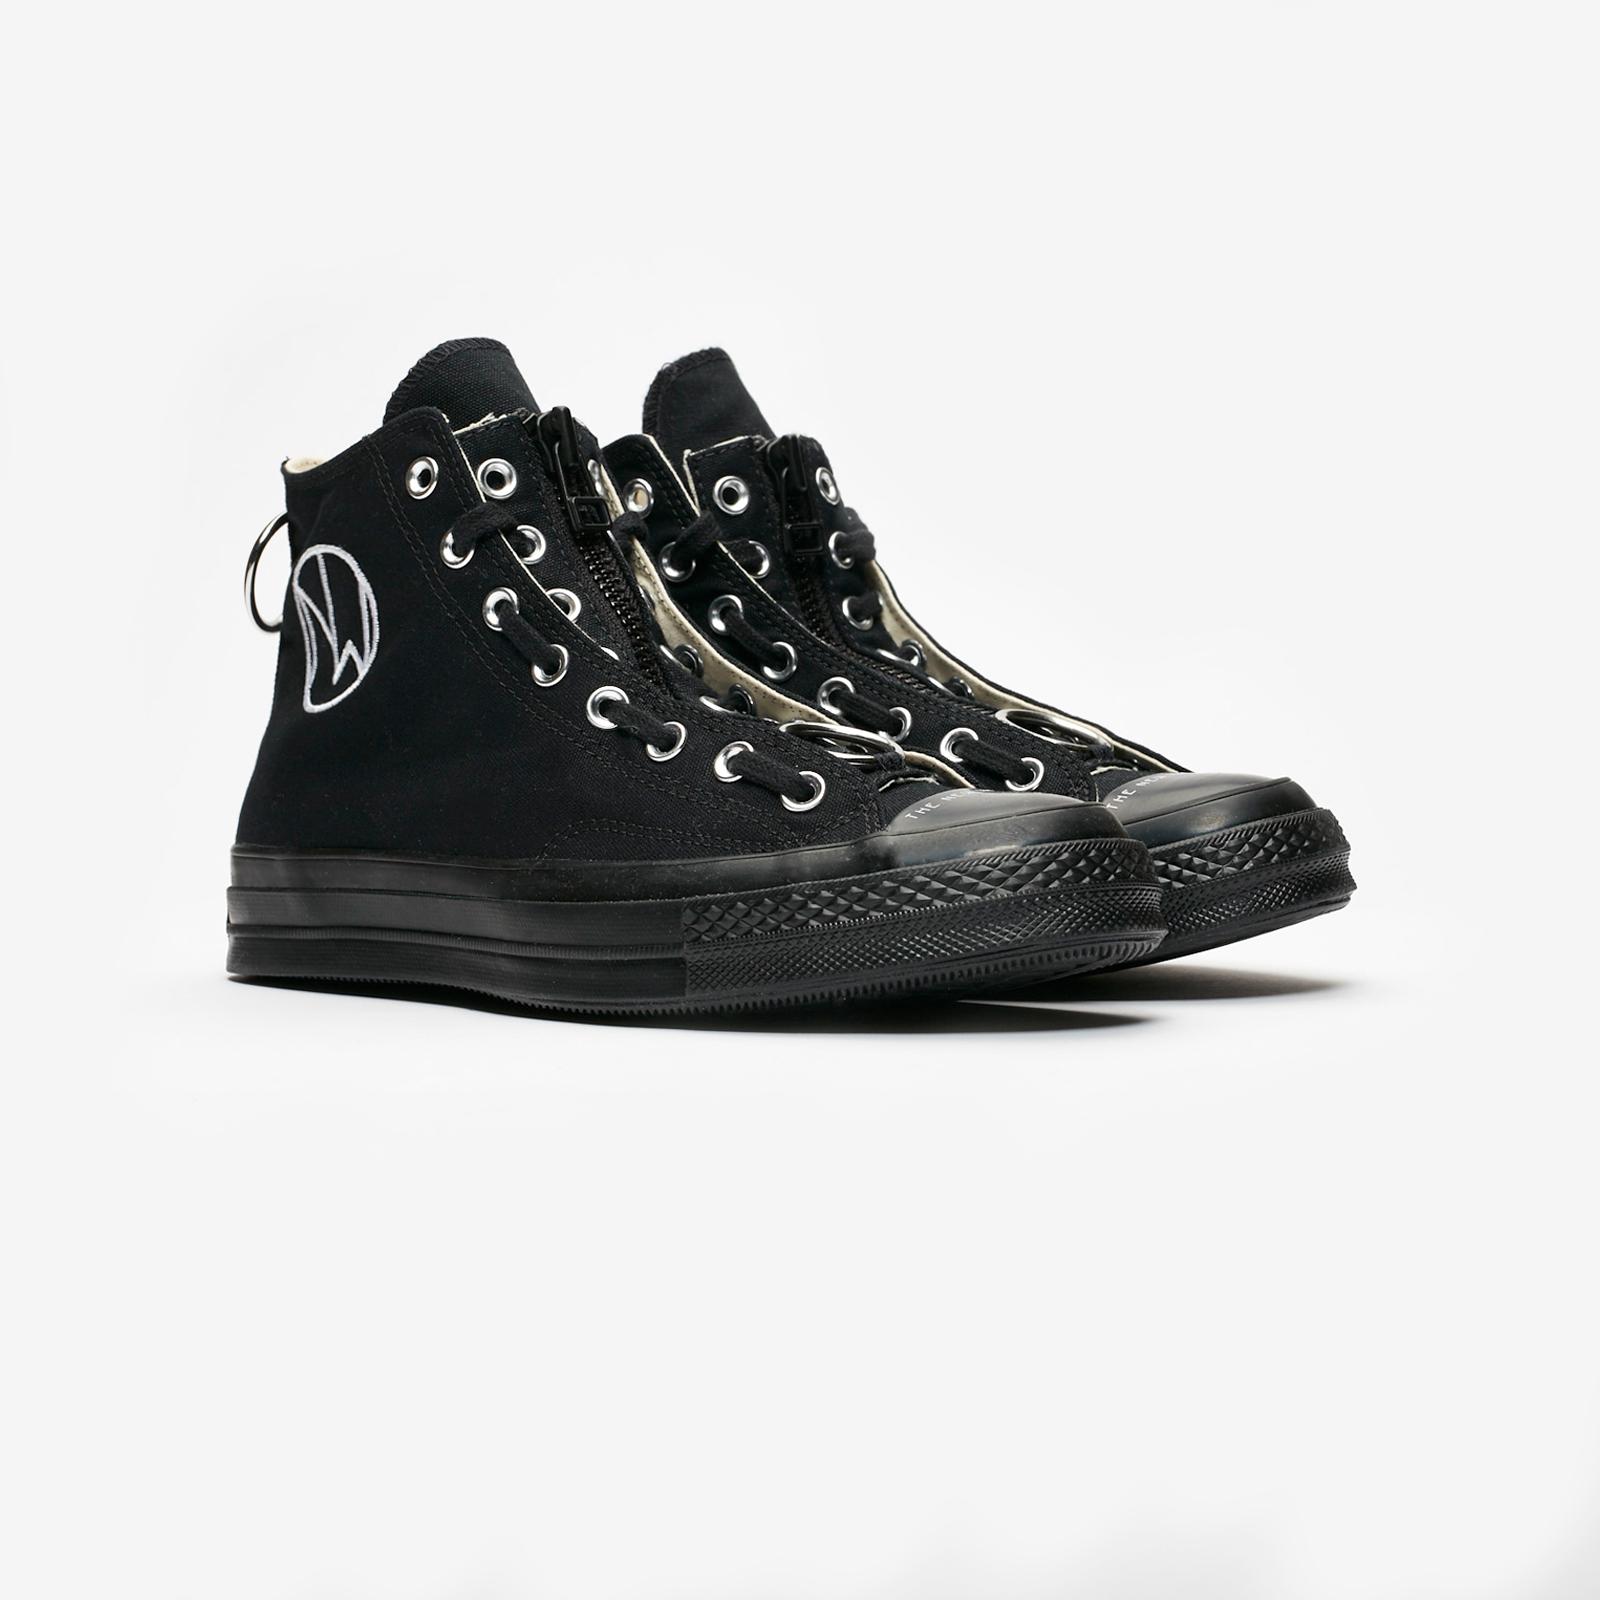 b692d9914b8857 Converse Chuck 70 x Undercover - 164831c - Sneakersnstuff